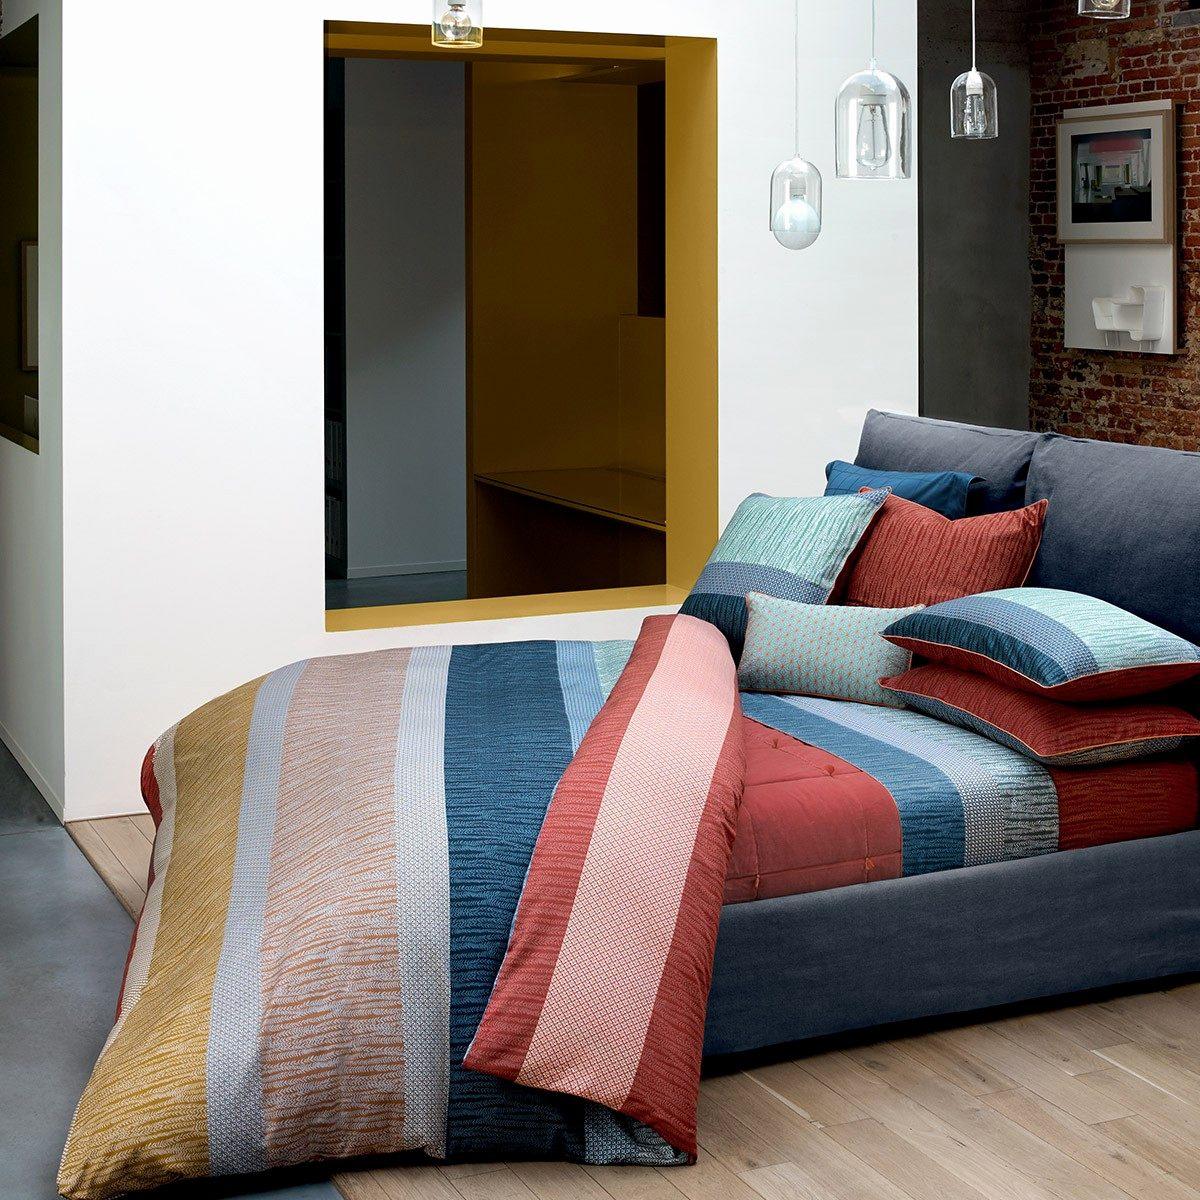 Parure Lit 260x240 Frais Couvre Lit Design Génial Splendidé Parure De Lit 260—240 Design D